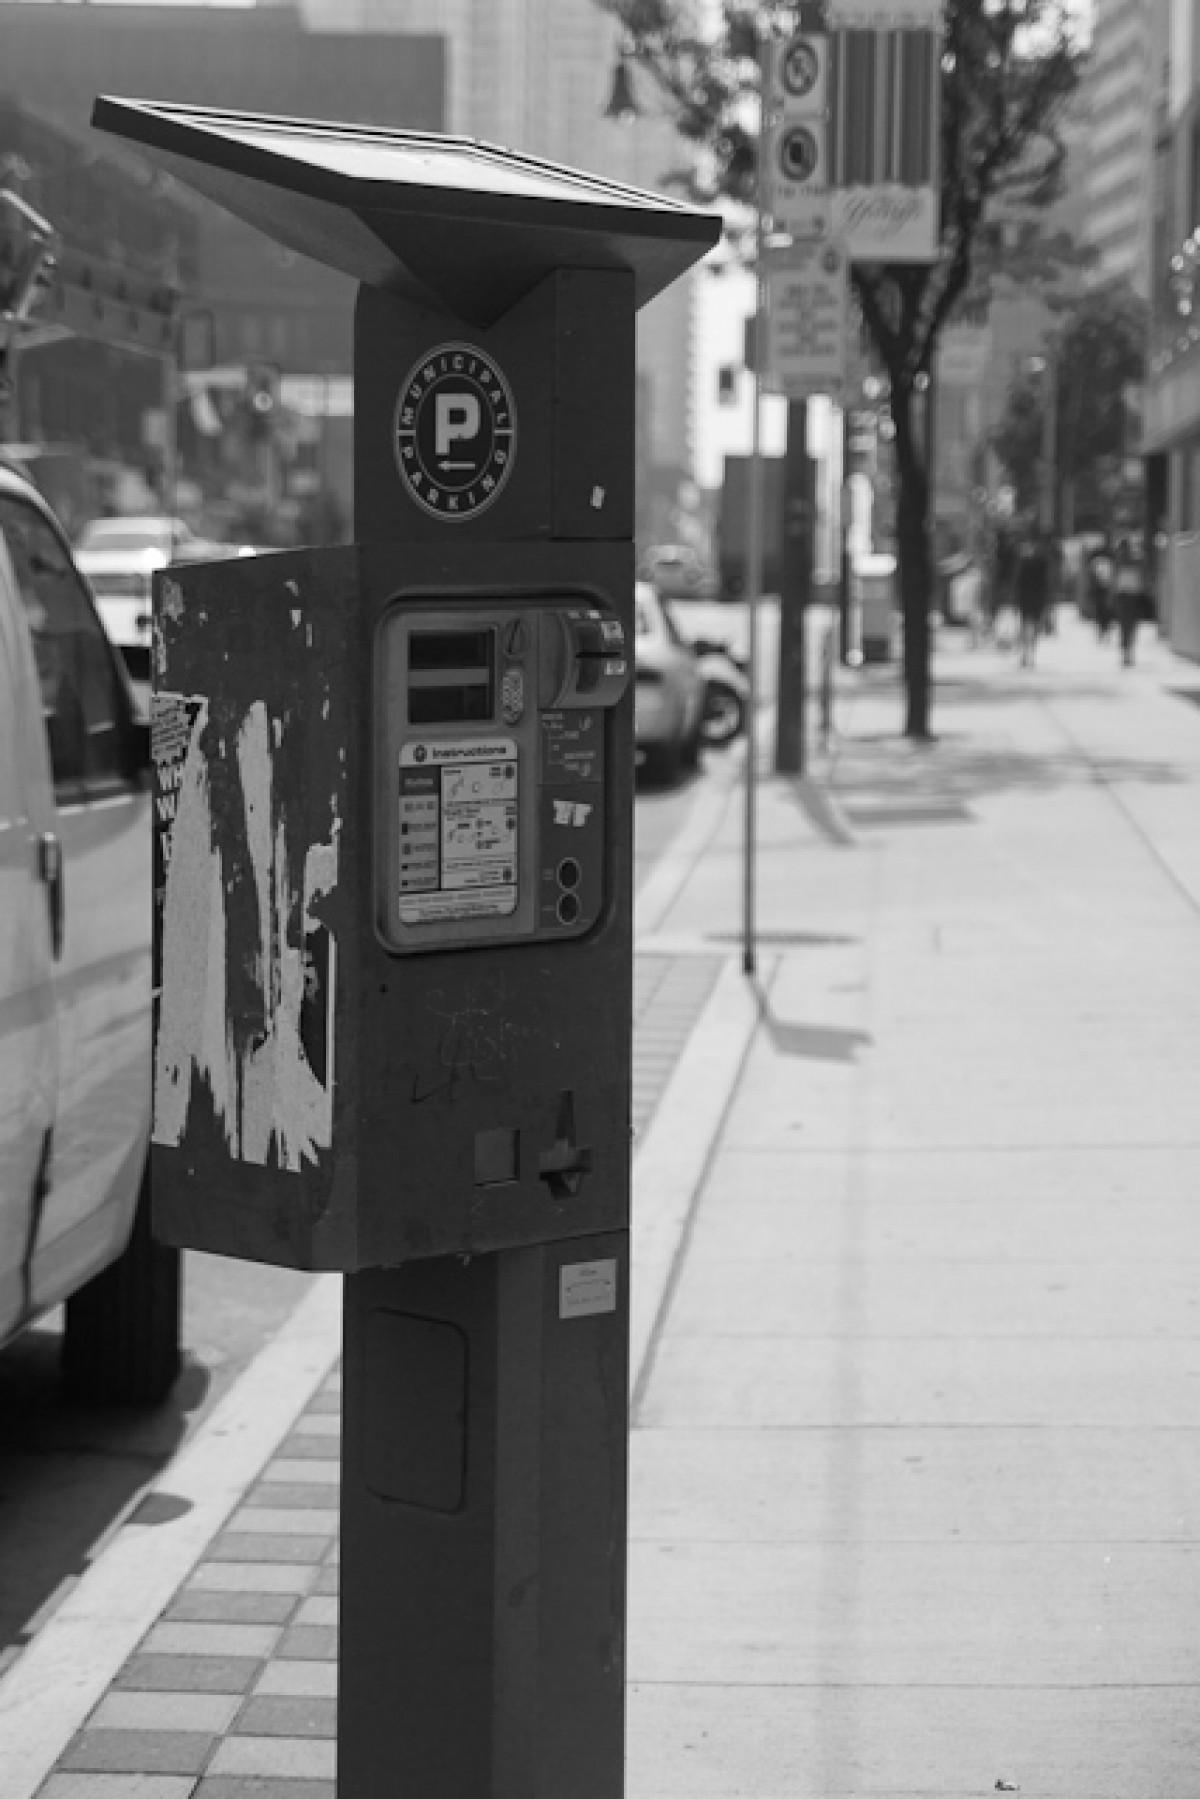 POTD day 208 Parking Meter